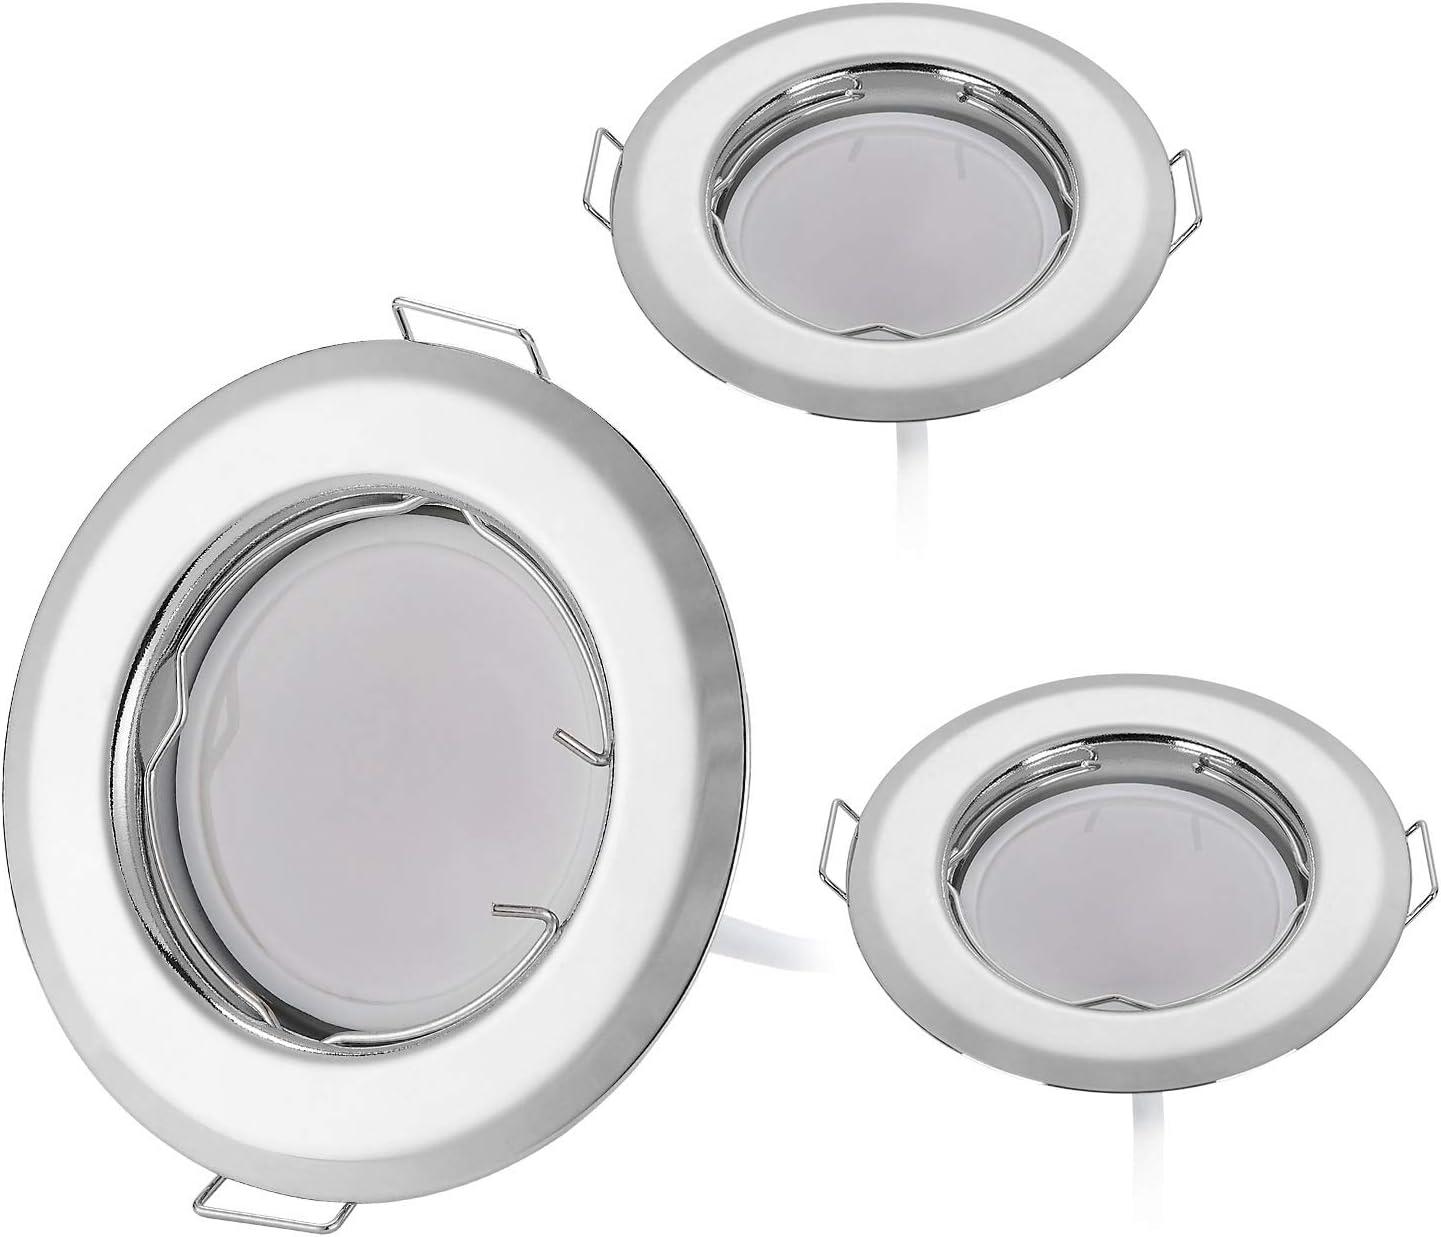 Juego de 3 focos LED empotrables ultraplanos de con m/ódulo LED 230V I 3W 320lm I blanco c/álido 3000 K I /ángulo de haz de 120/° I cromo I 55 mm agujero de montaje I l/ámpara empotrable redonda